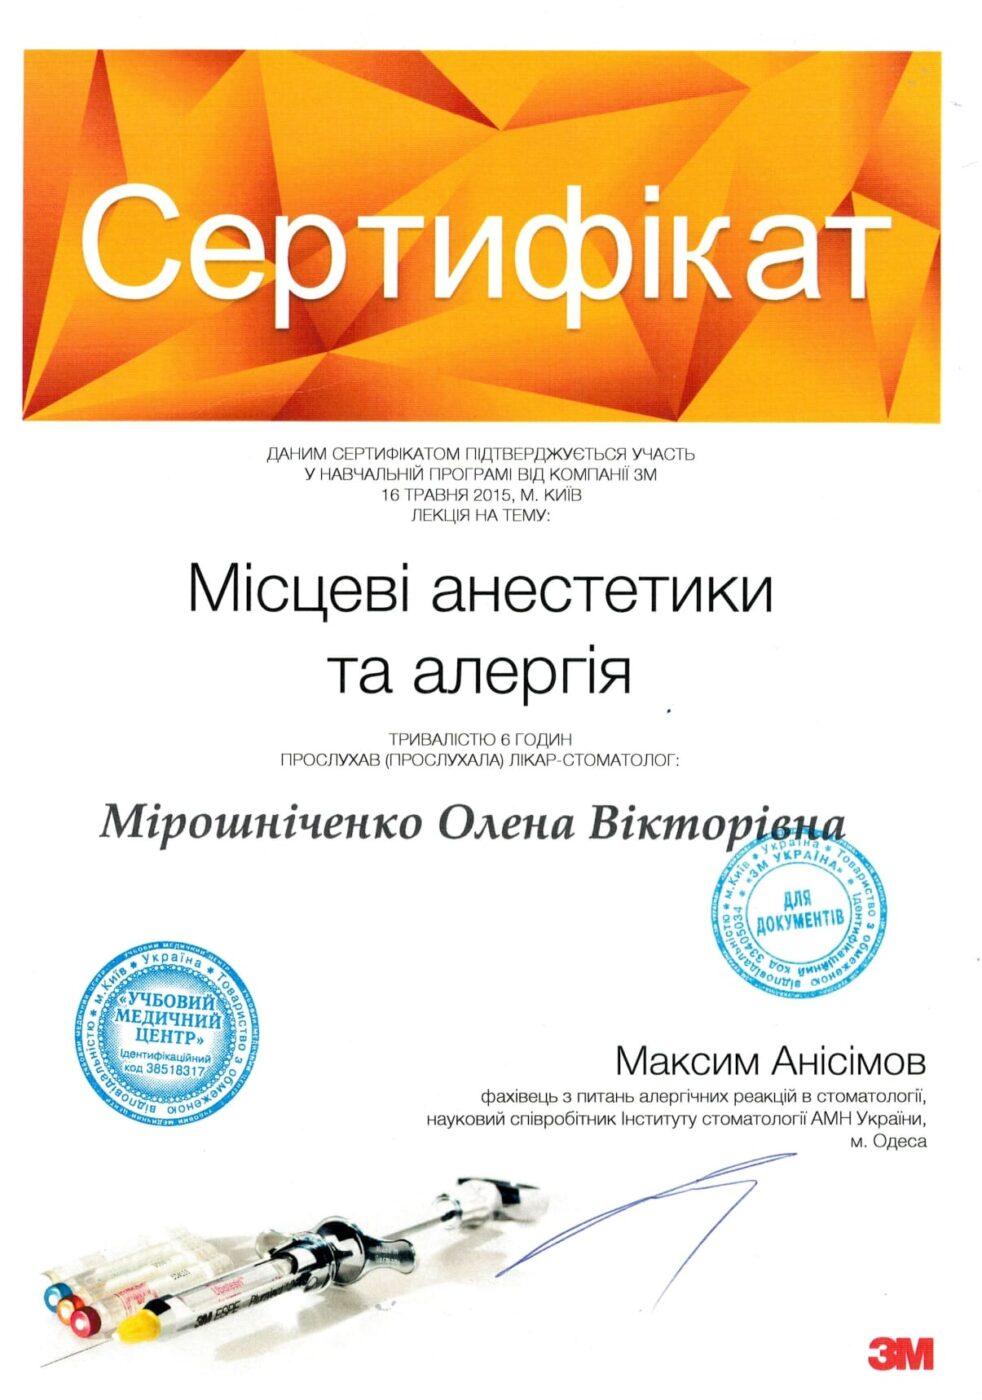 Сертифікат дитячого лікаря стоматолога Мірошниченко Олени Вікторівни об участі у курсі (Місцеві анестетики та алергія)